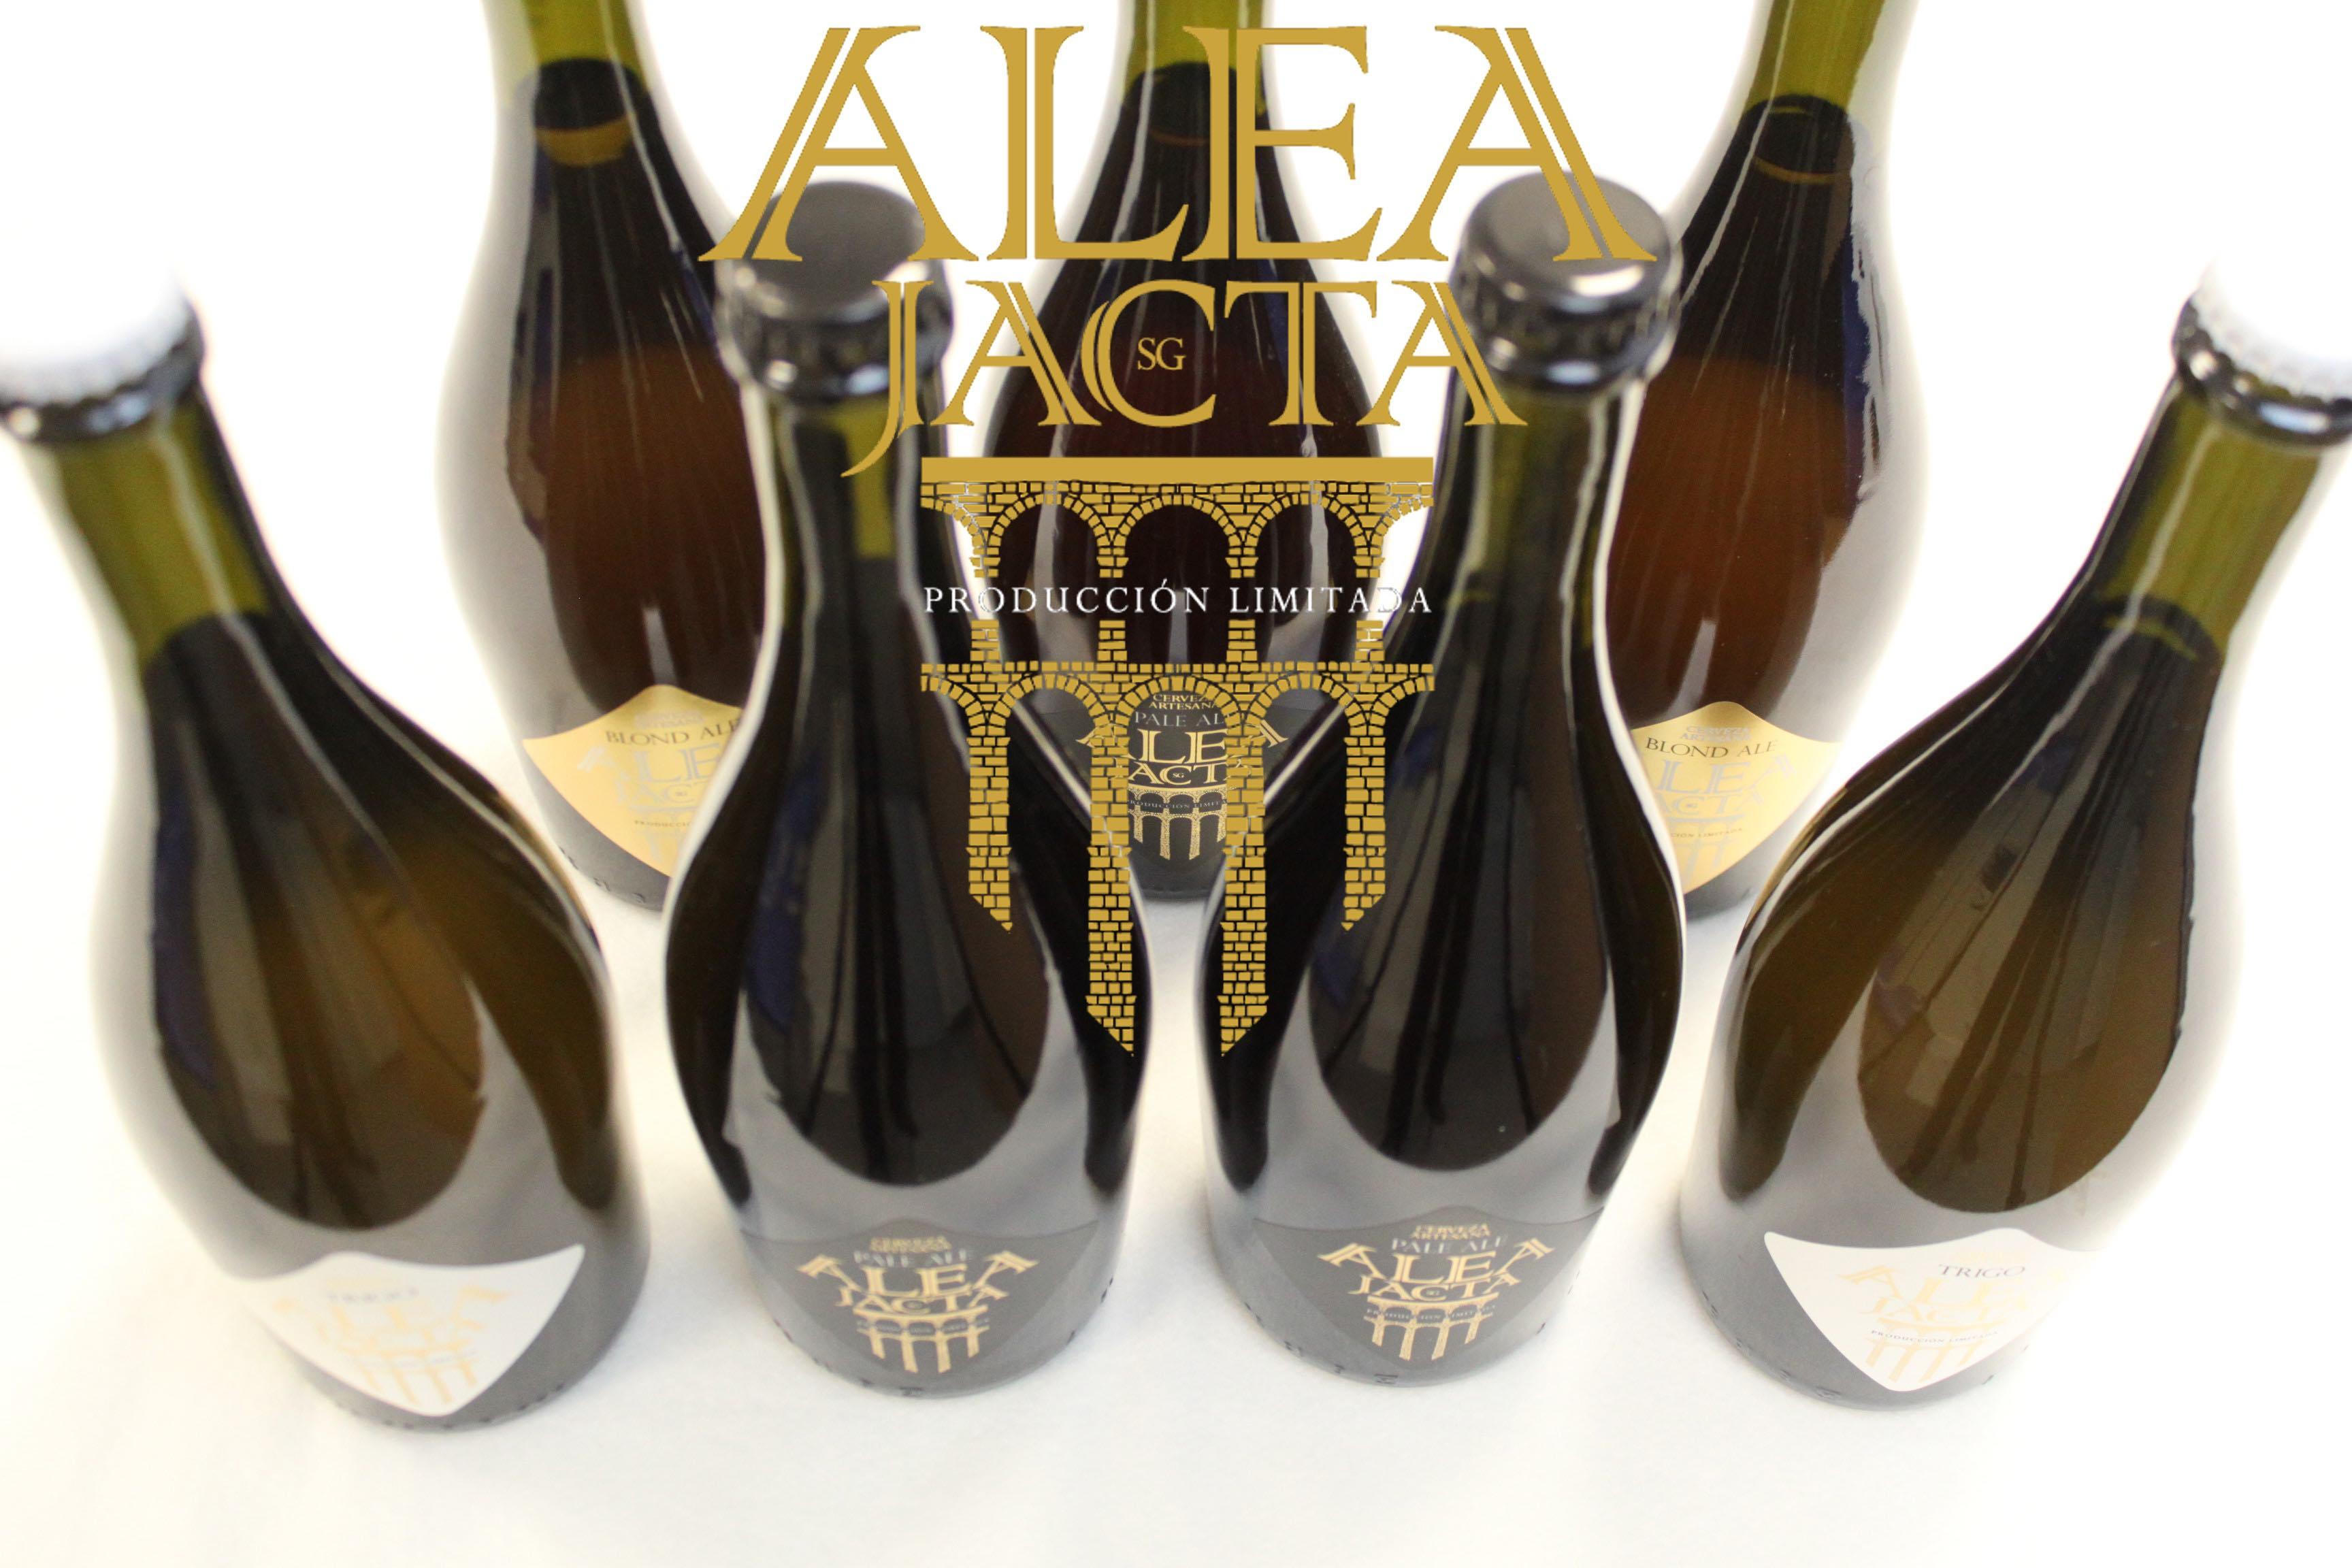 Cerveza Artesana Alea Jacta 75cl - con logo AJ _media